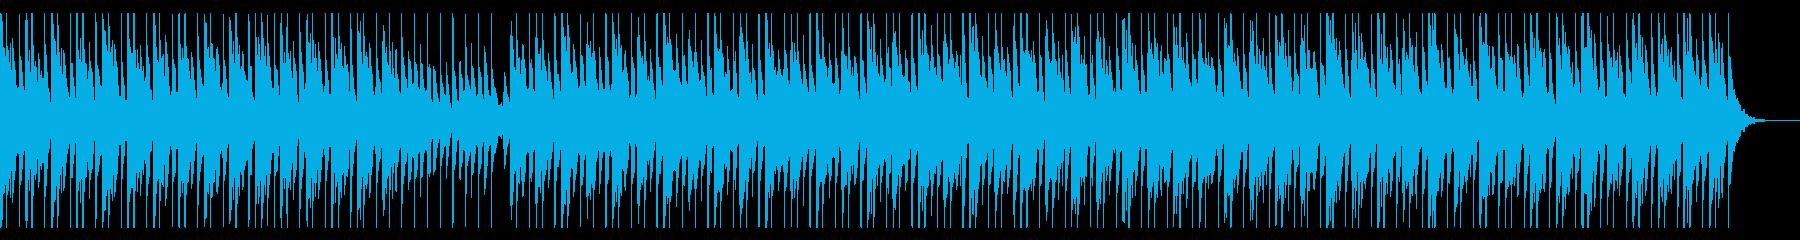 美しく和やかなハウス風楽曲の再生済みの波形